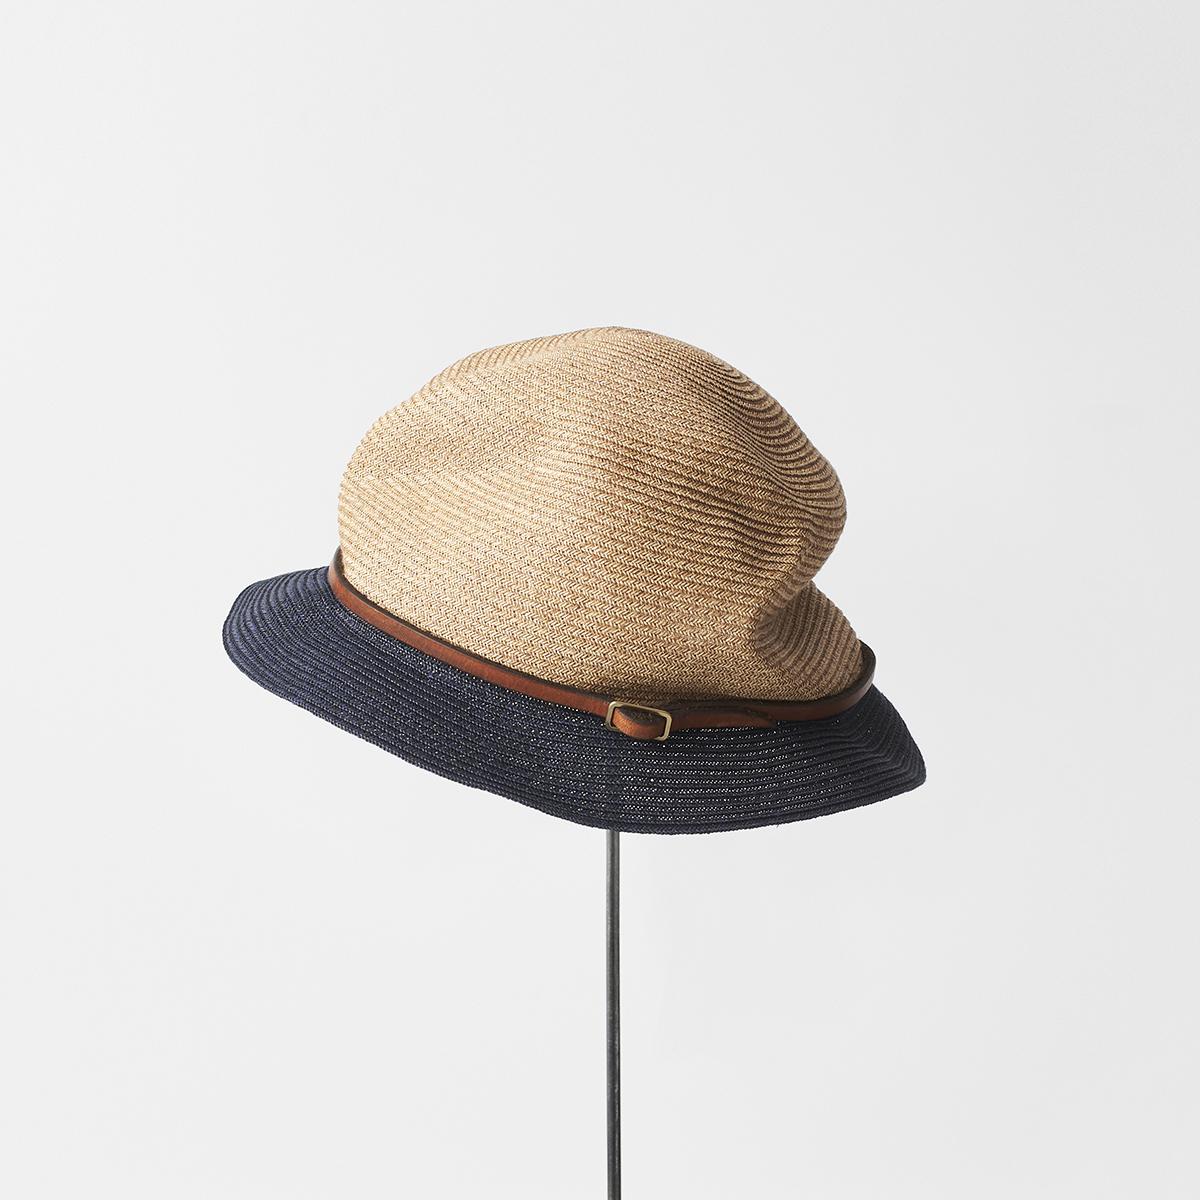 BOXED HAT 4.5cm brim 2tone color leather belt